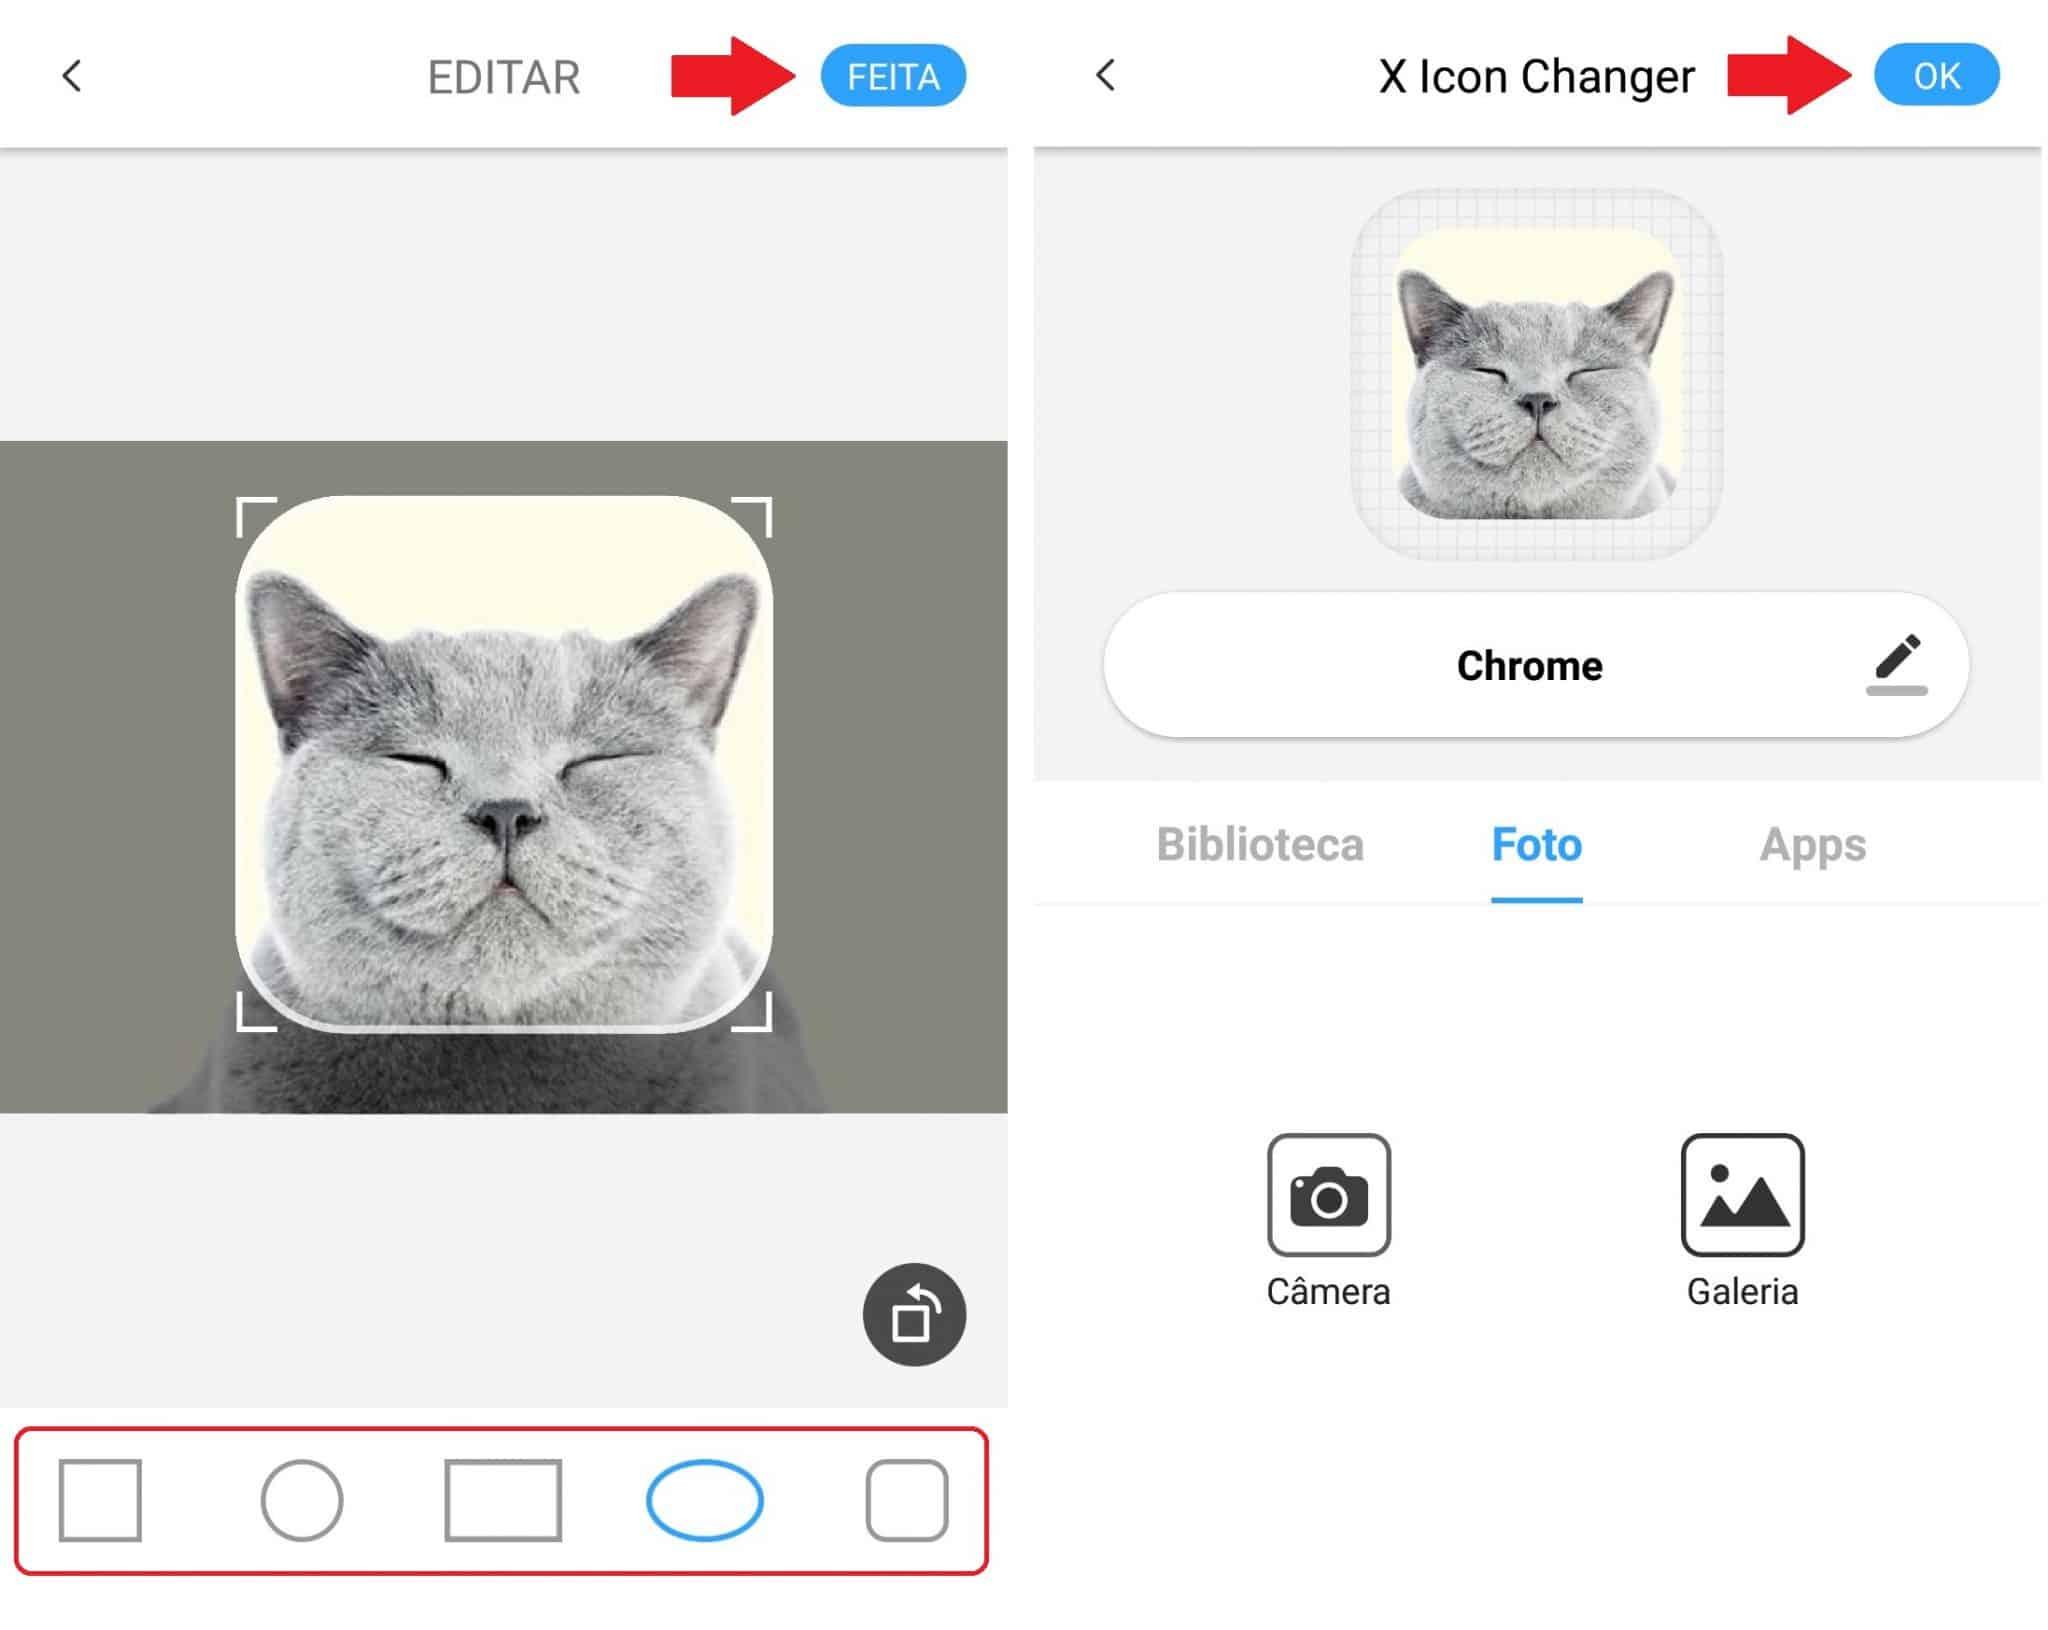 imagem 4 de Como criar ícones para aplicativos com as fotos salvas na galeria